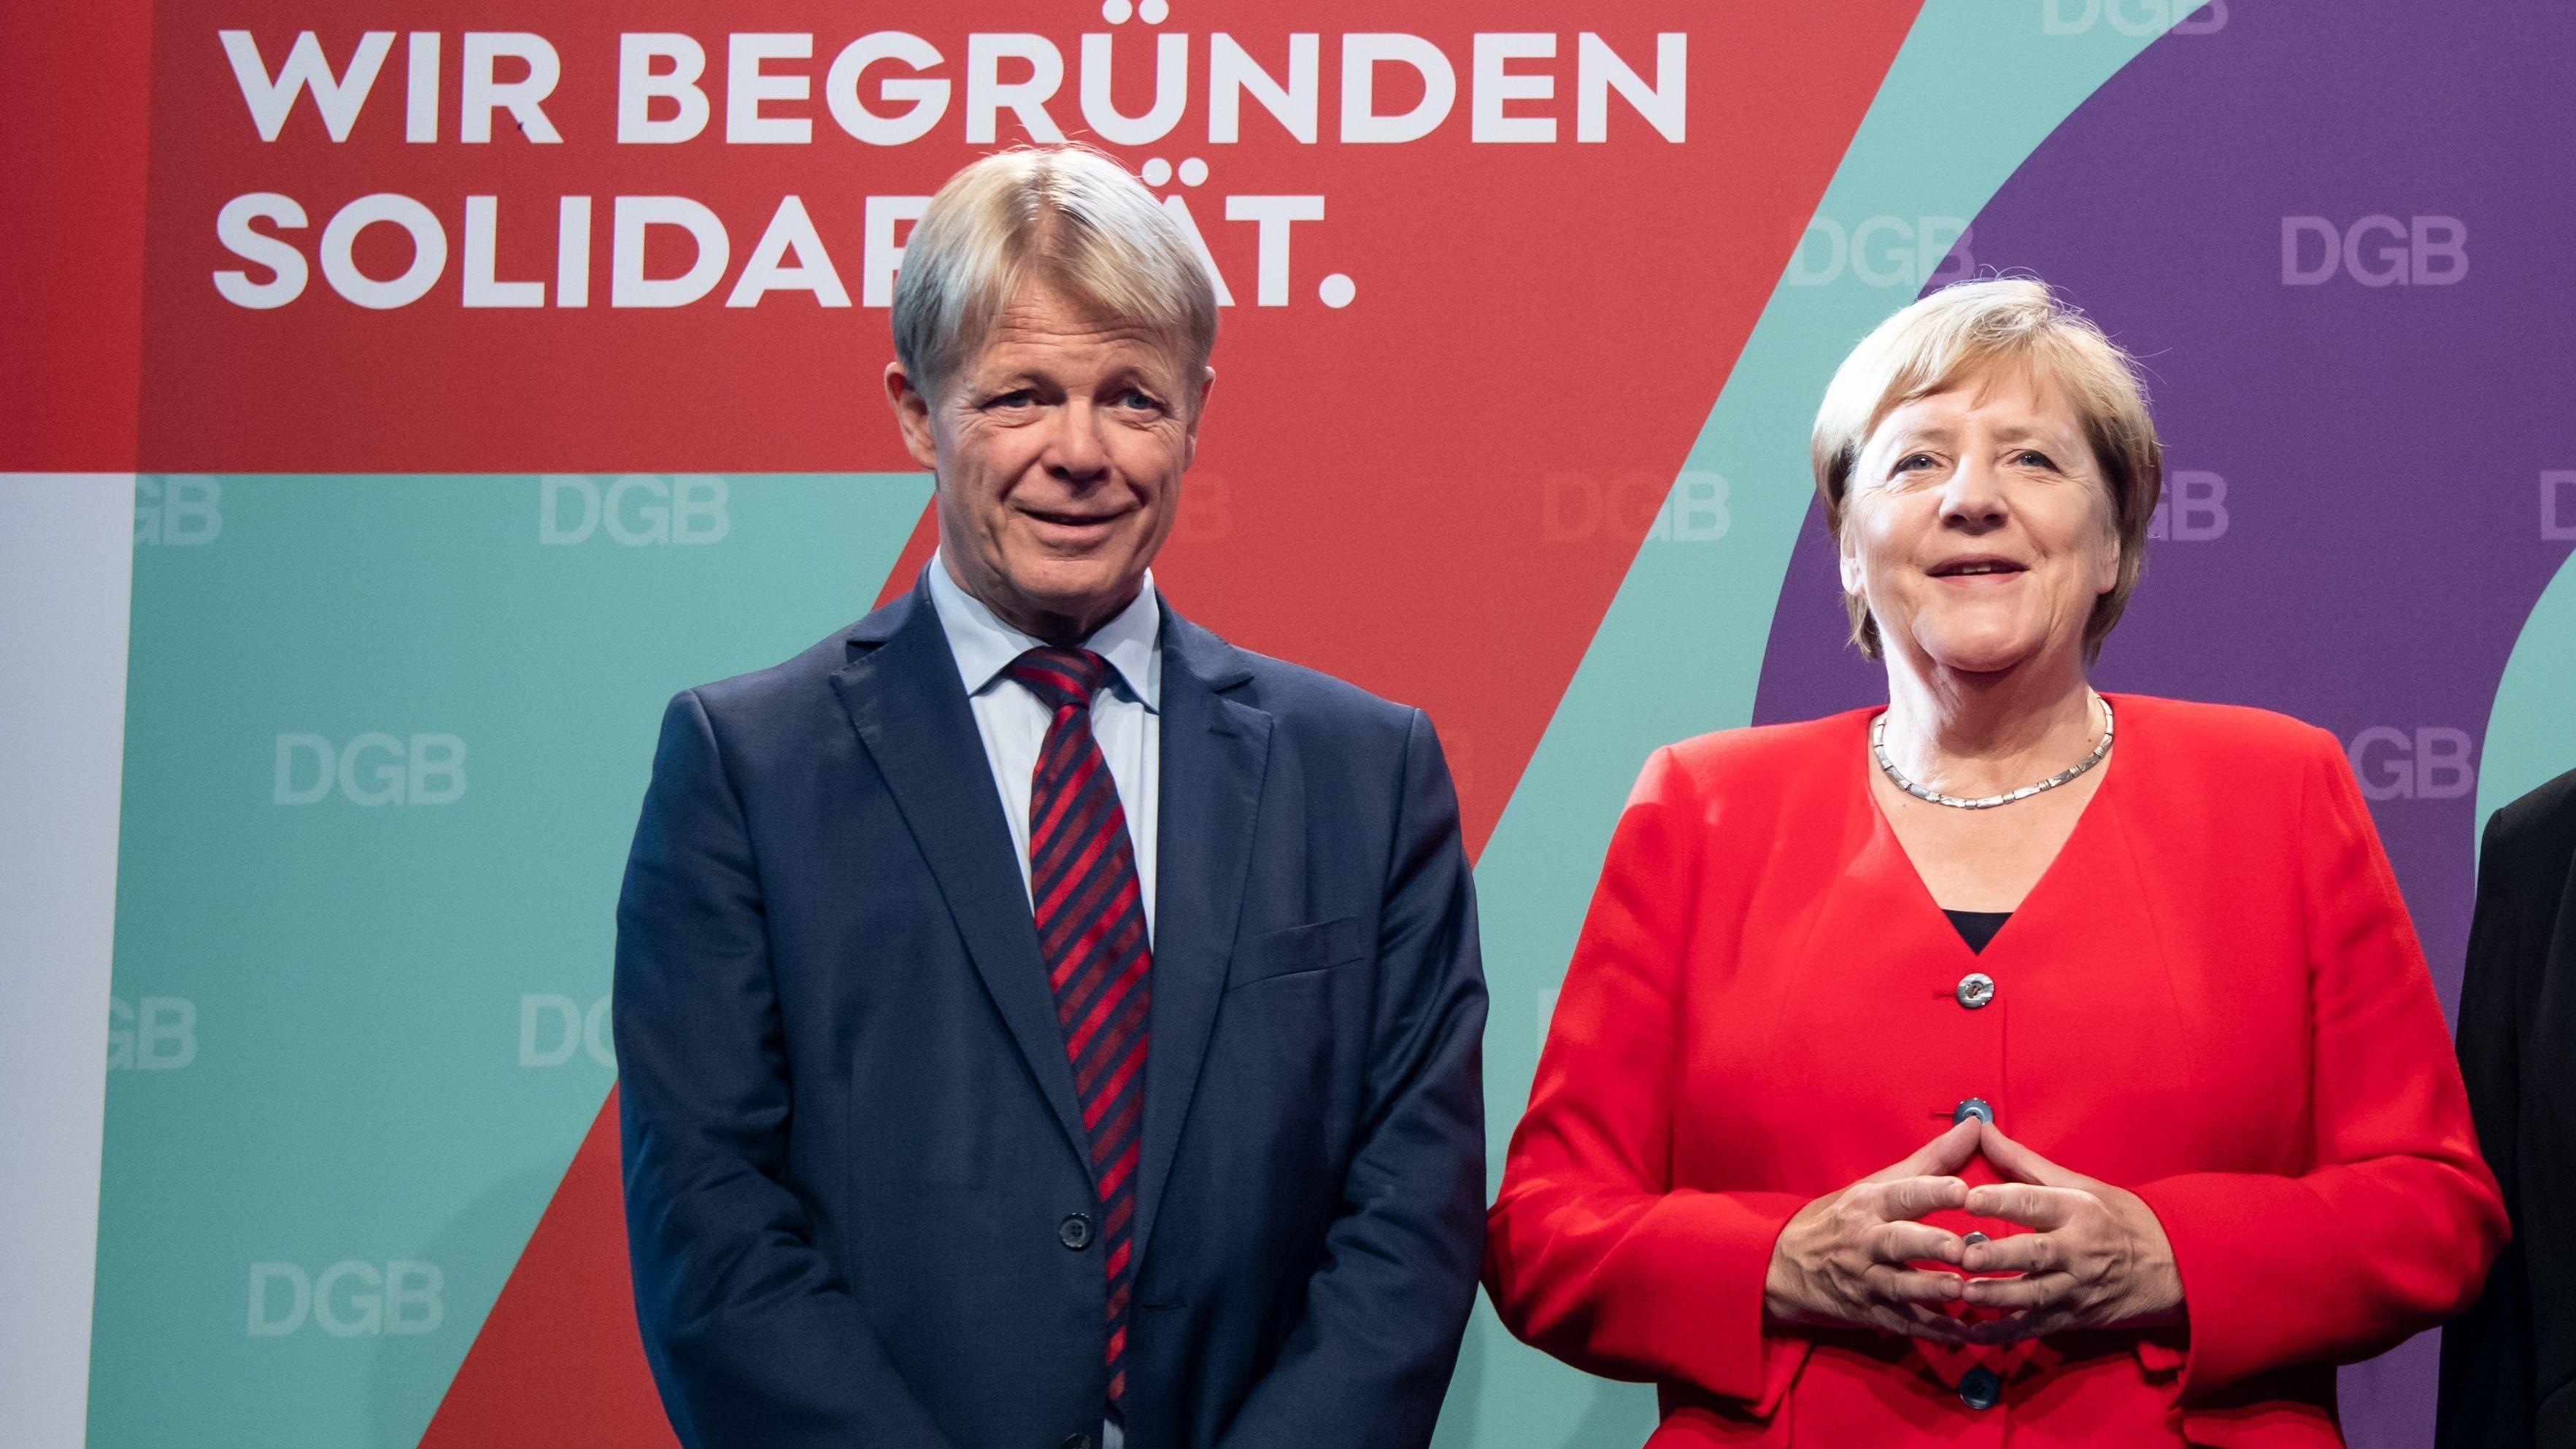 Bundeskanzlerin Angela Merkel (CDU) mit Reiner Hoffmann (l), DGB-Vorsitzender